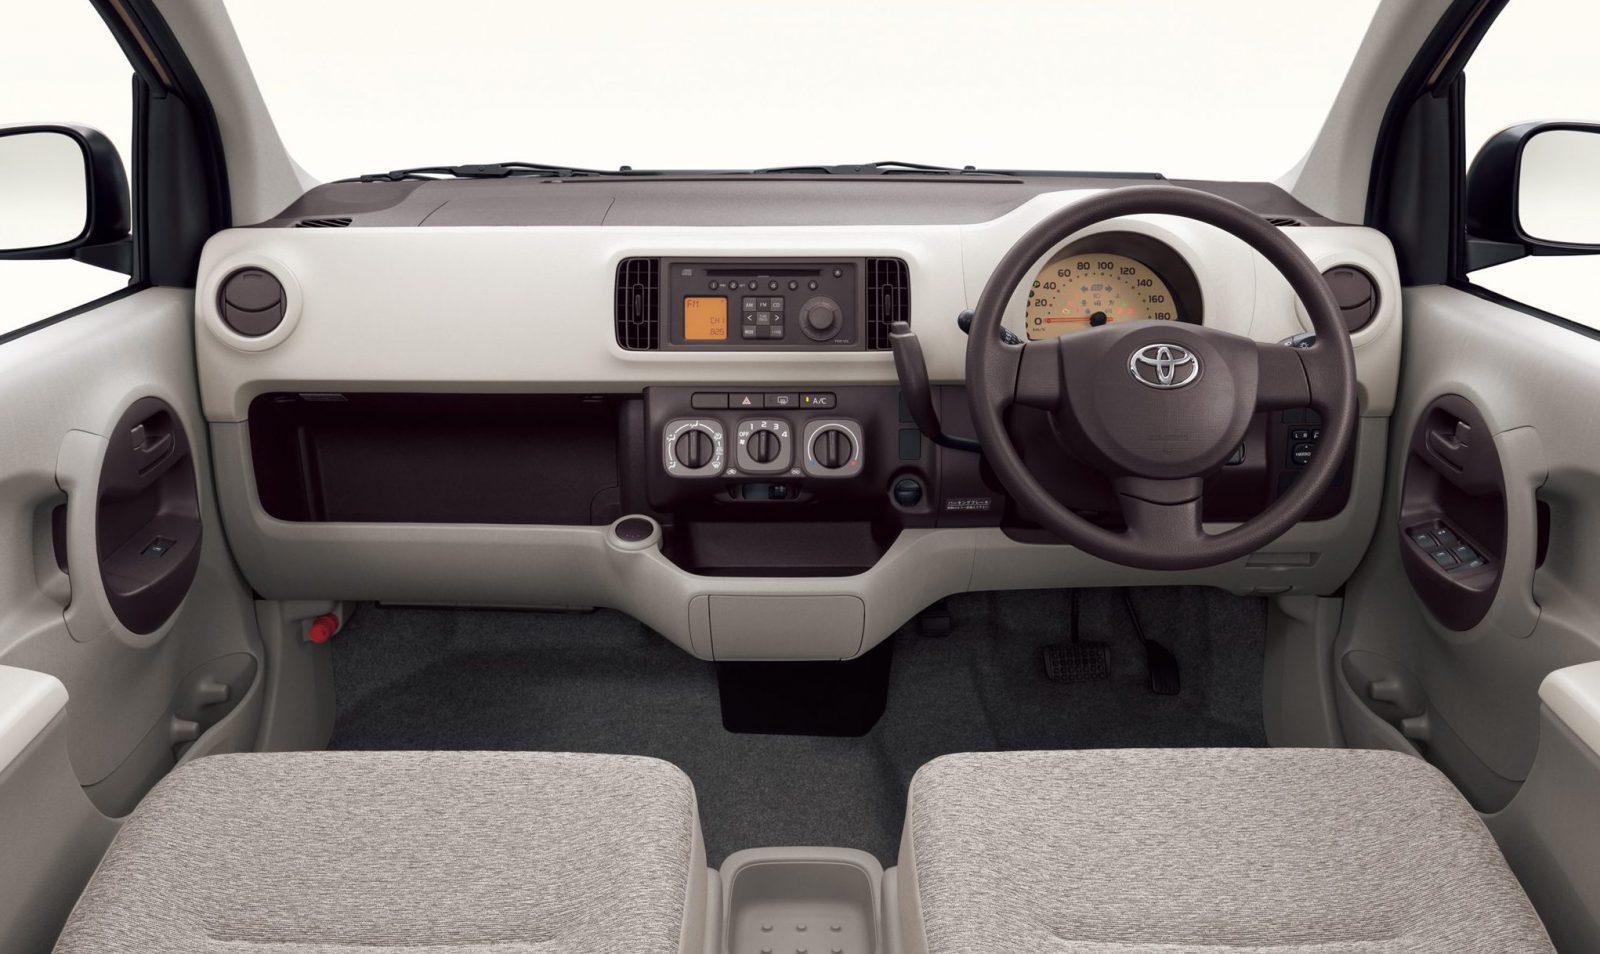 Toyota Passo Vs Vitz A Subcompact Showdown Car From Verso 2015 Interior